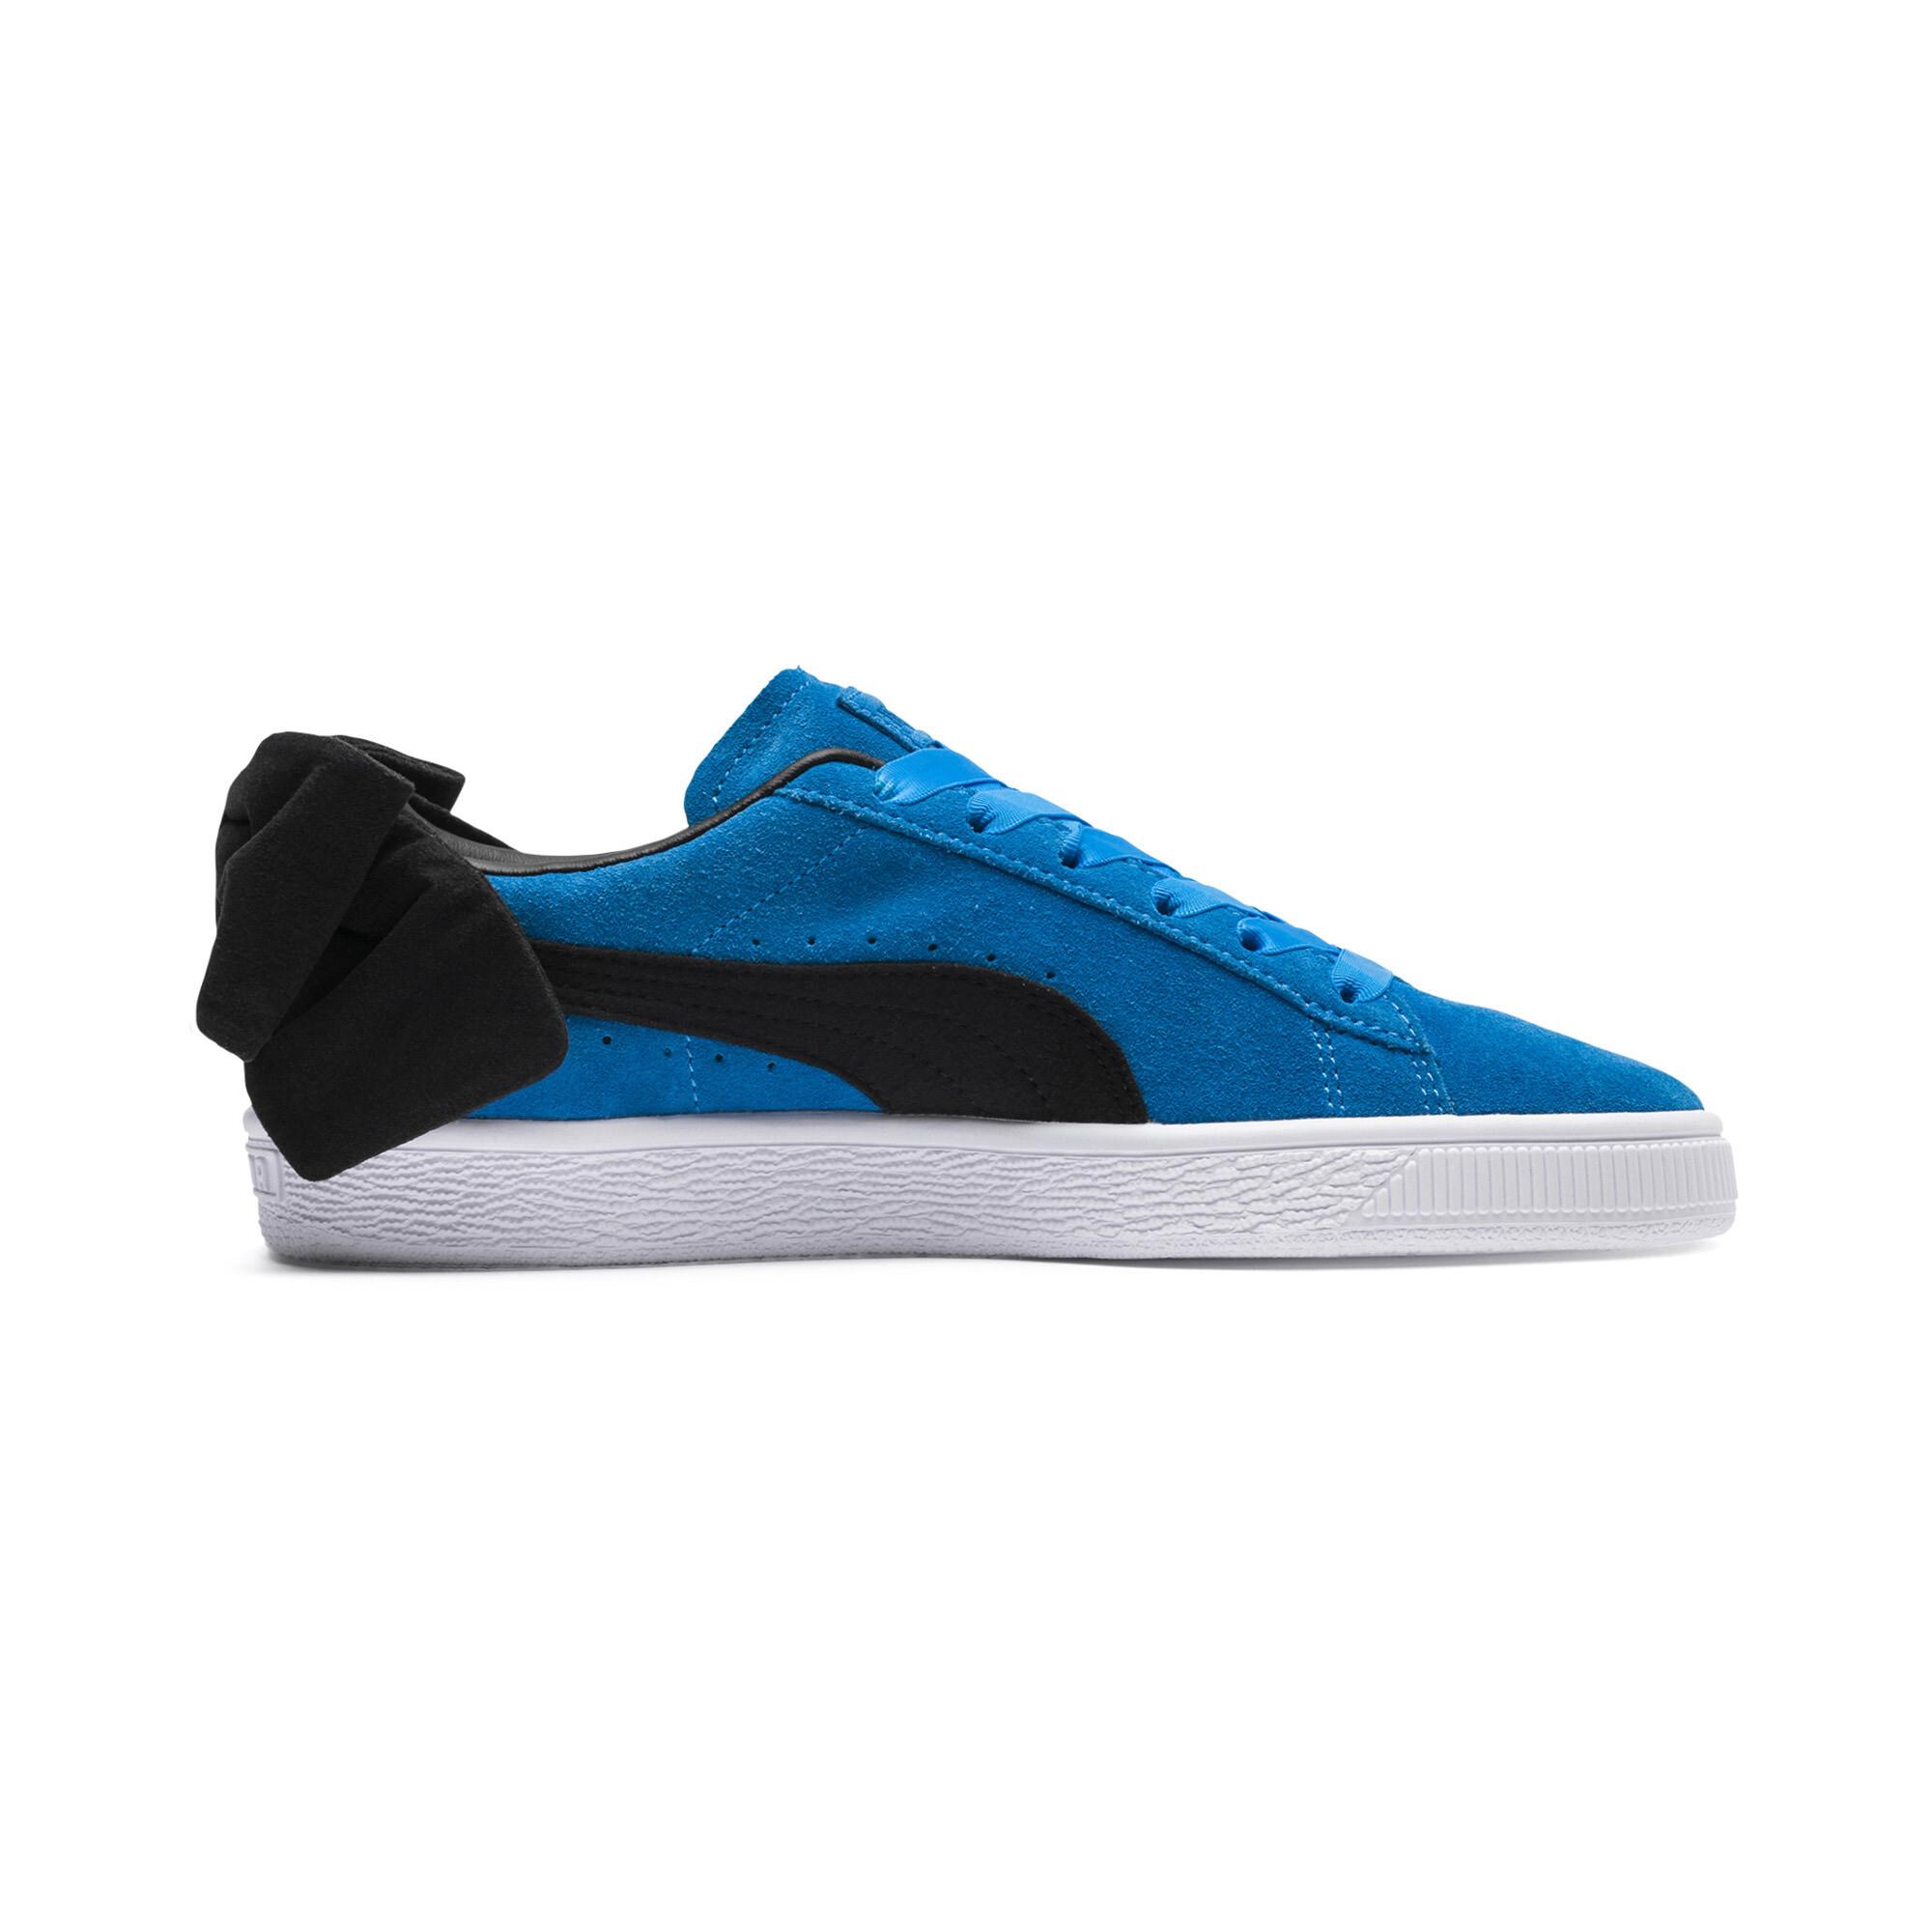 PUMA-Suede-Bow-Block-Damen-Sneaker-Frauen-Schuhe-Sport-Classics-Neu Indexbild 18